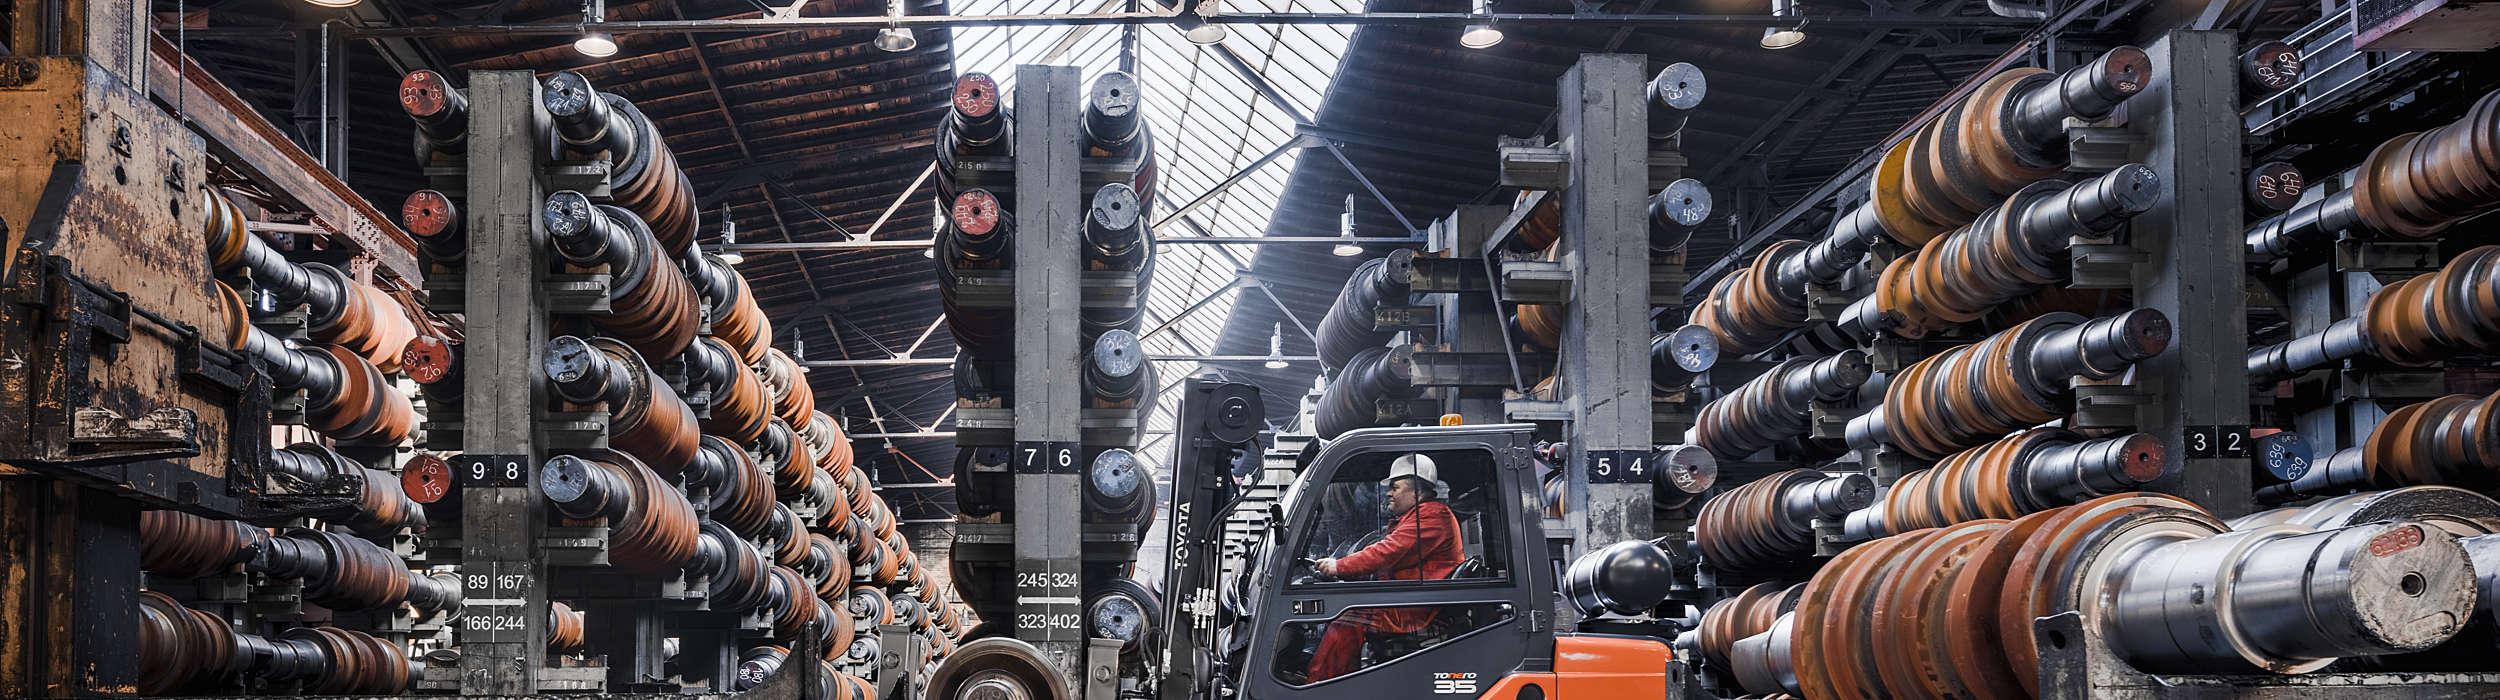 HST Tonero engine-powered forklift truck